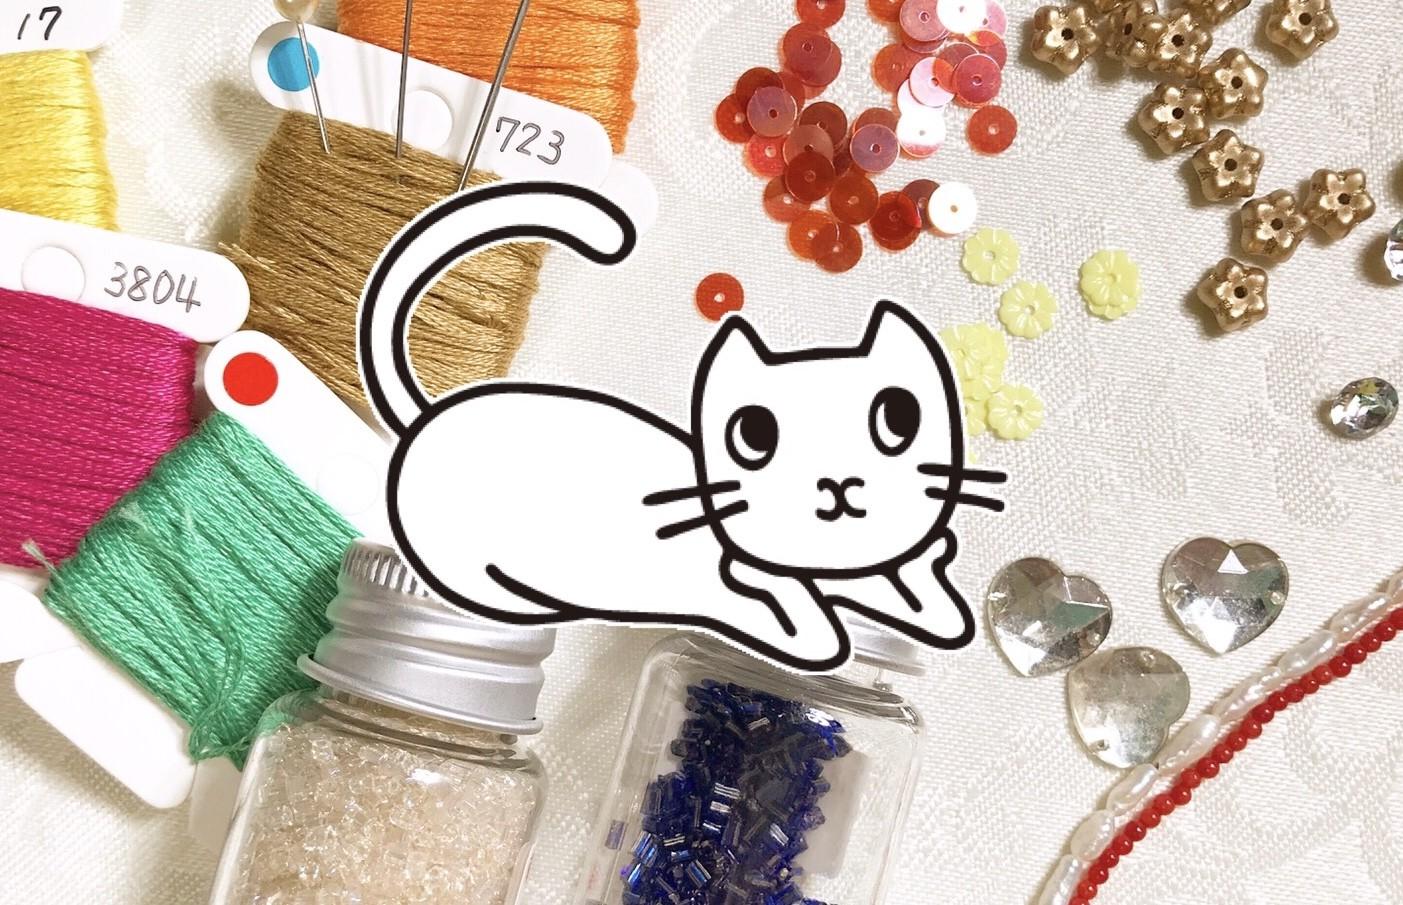 【受講者募集】刈谷市市民講師企画講座にて刺繍の講師をします!